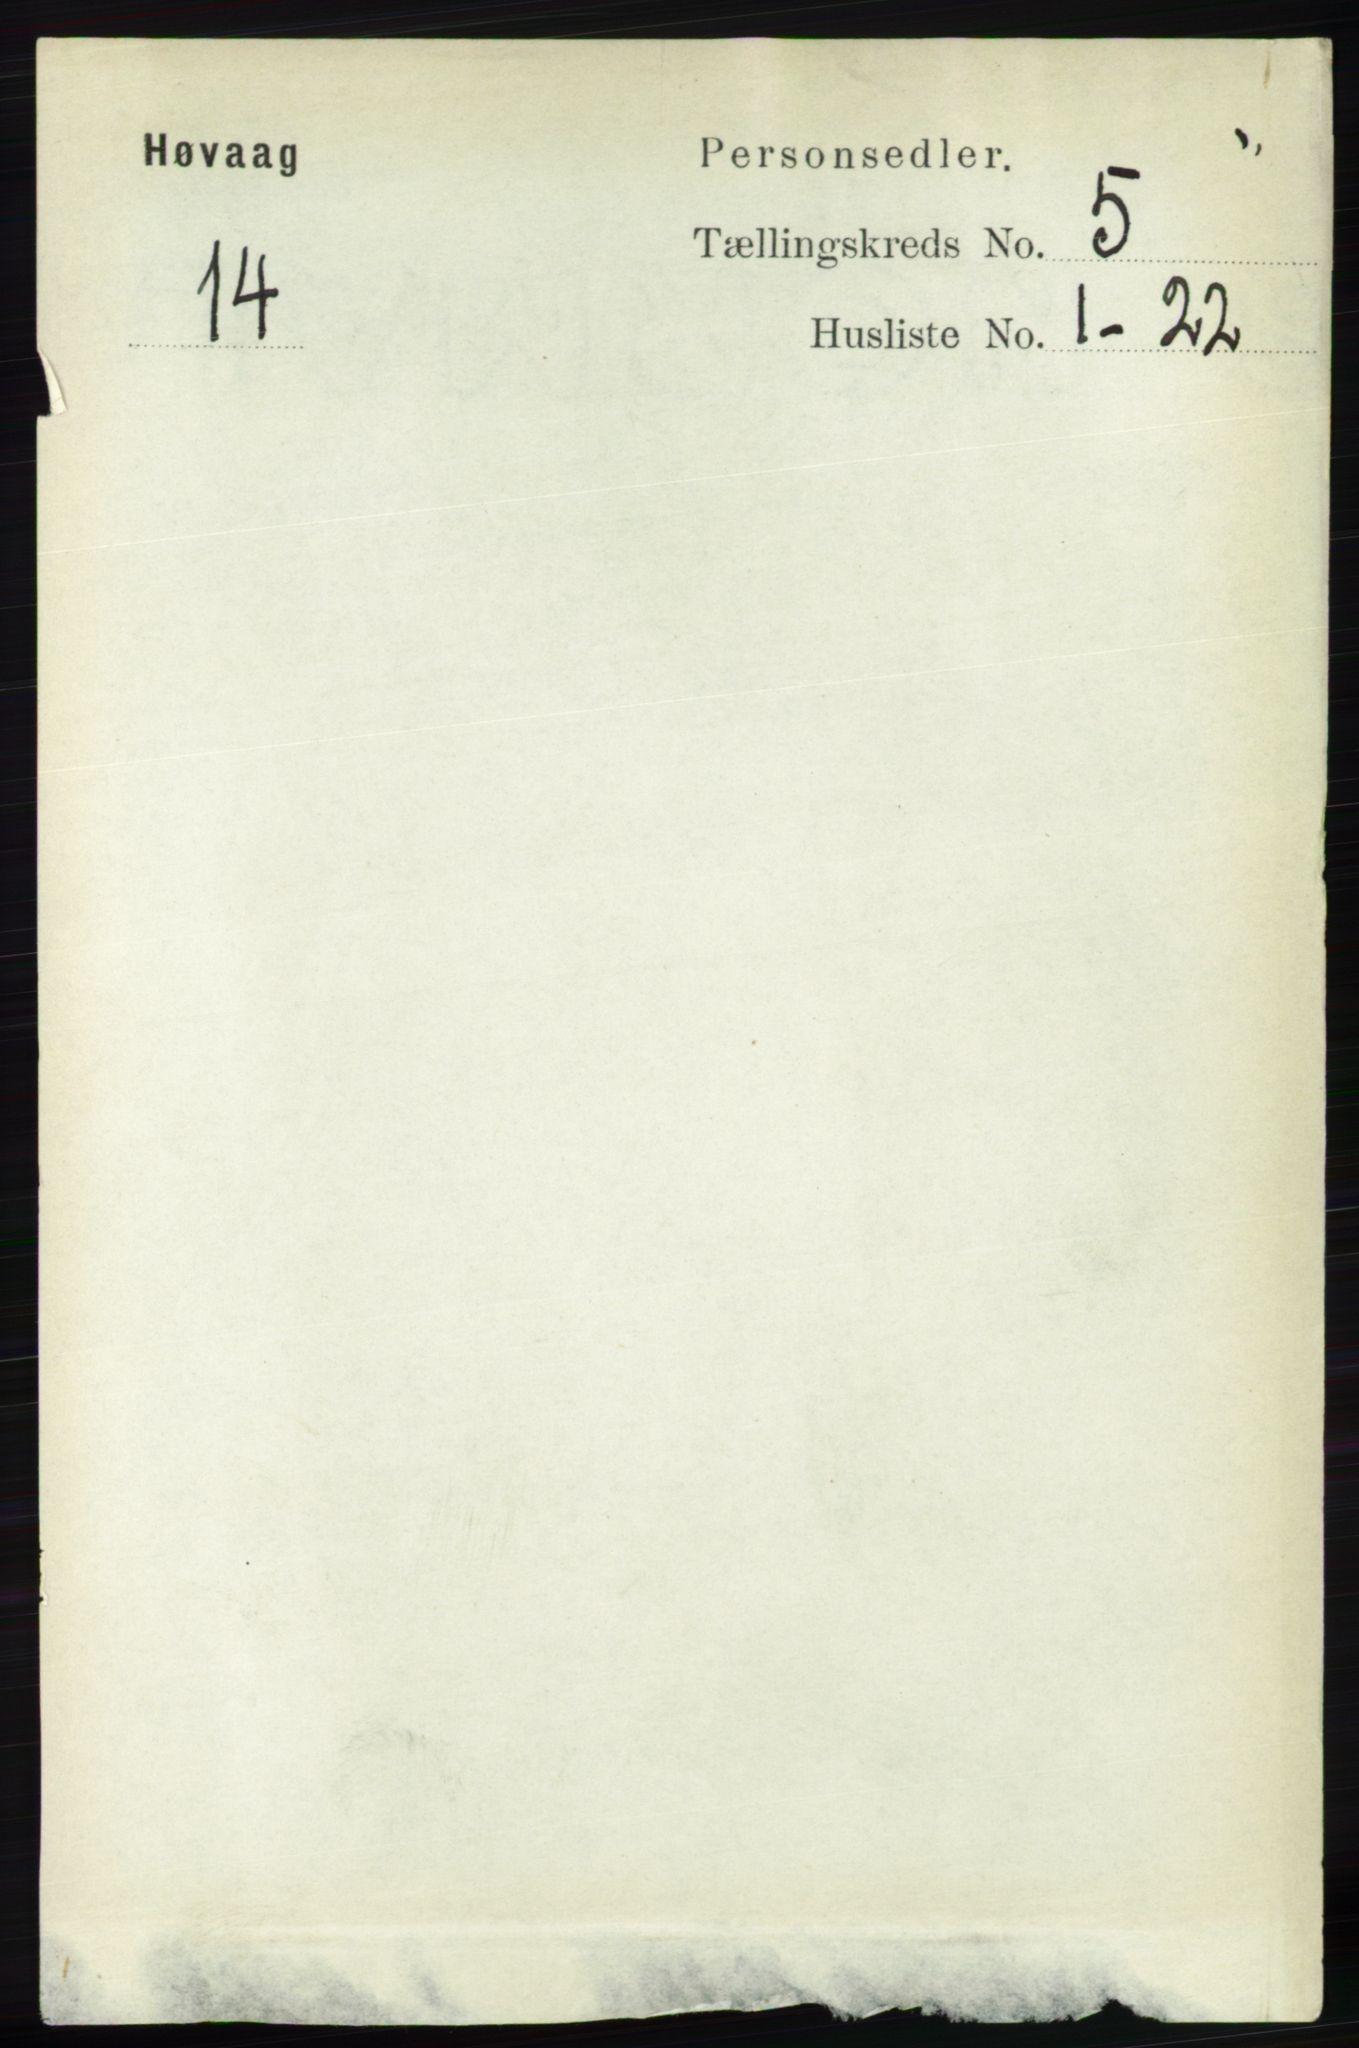 RA, Folketelling 1891 for 0927 Høvåg herred, 1891, s. 1841